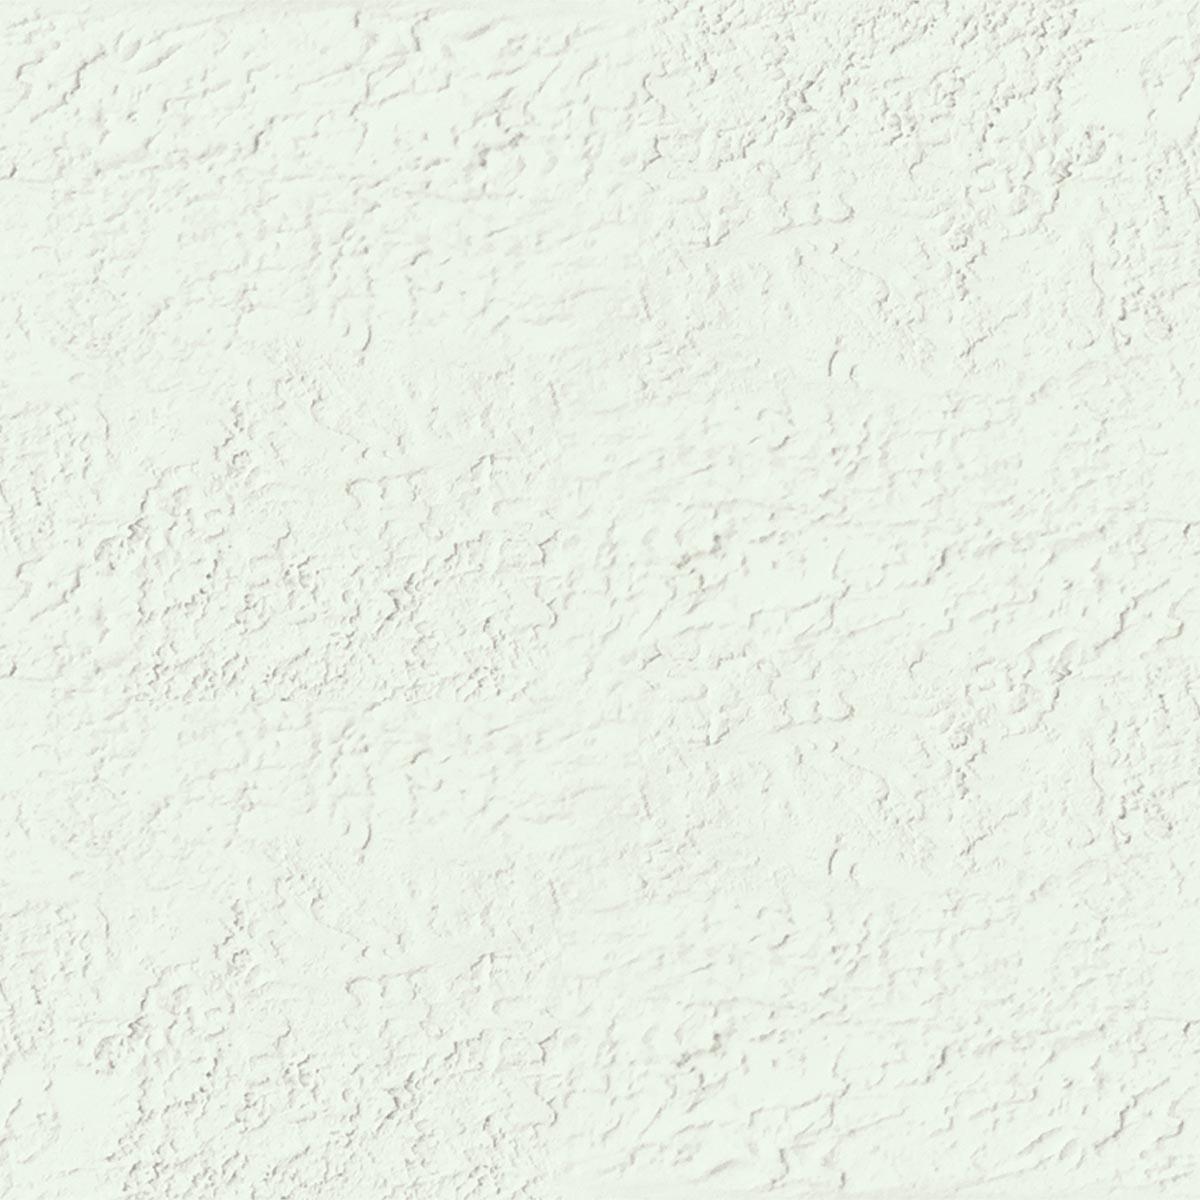 FolkArt ® Coastal™ Texture Paint - Sea Salt, 8 oz.